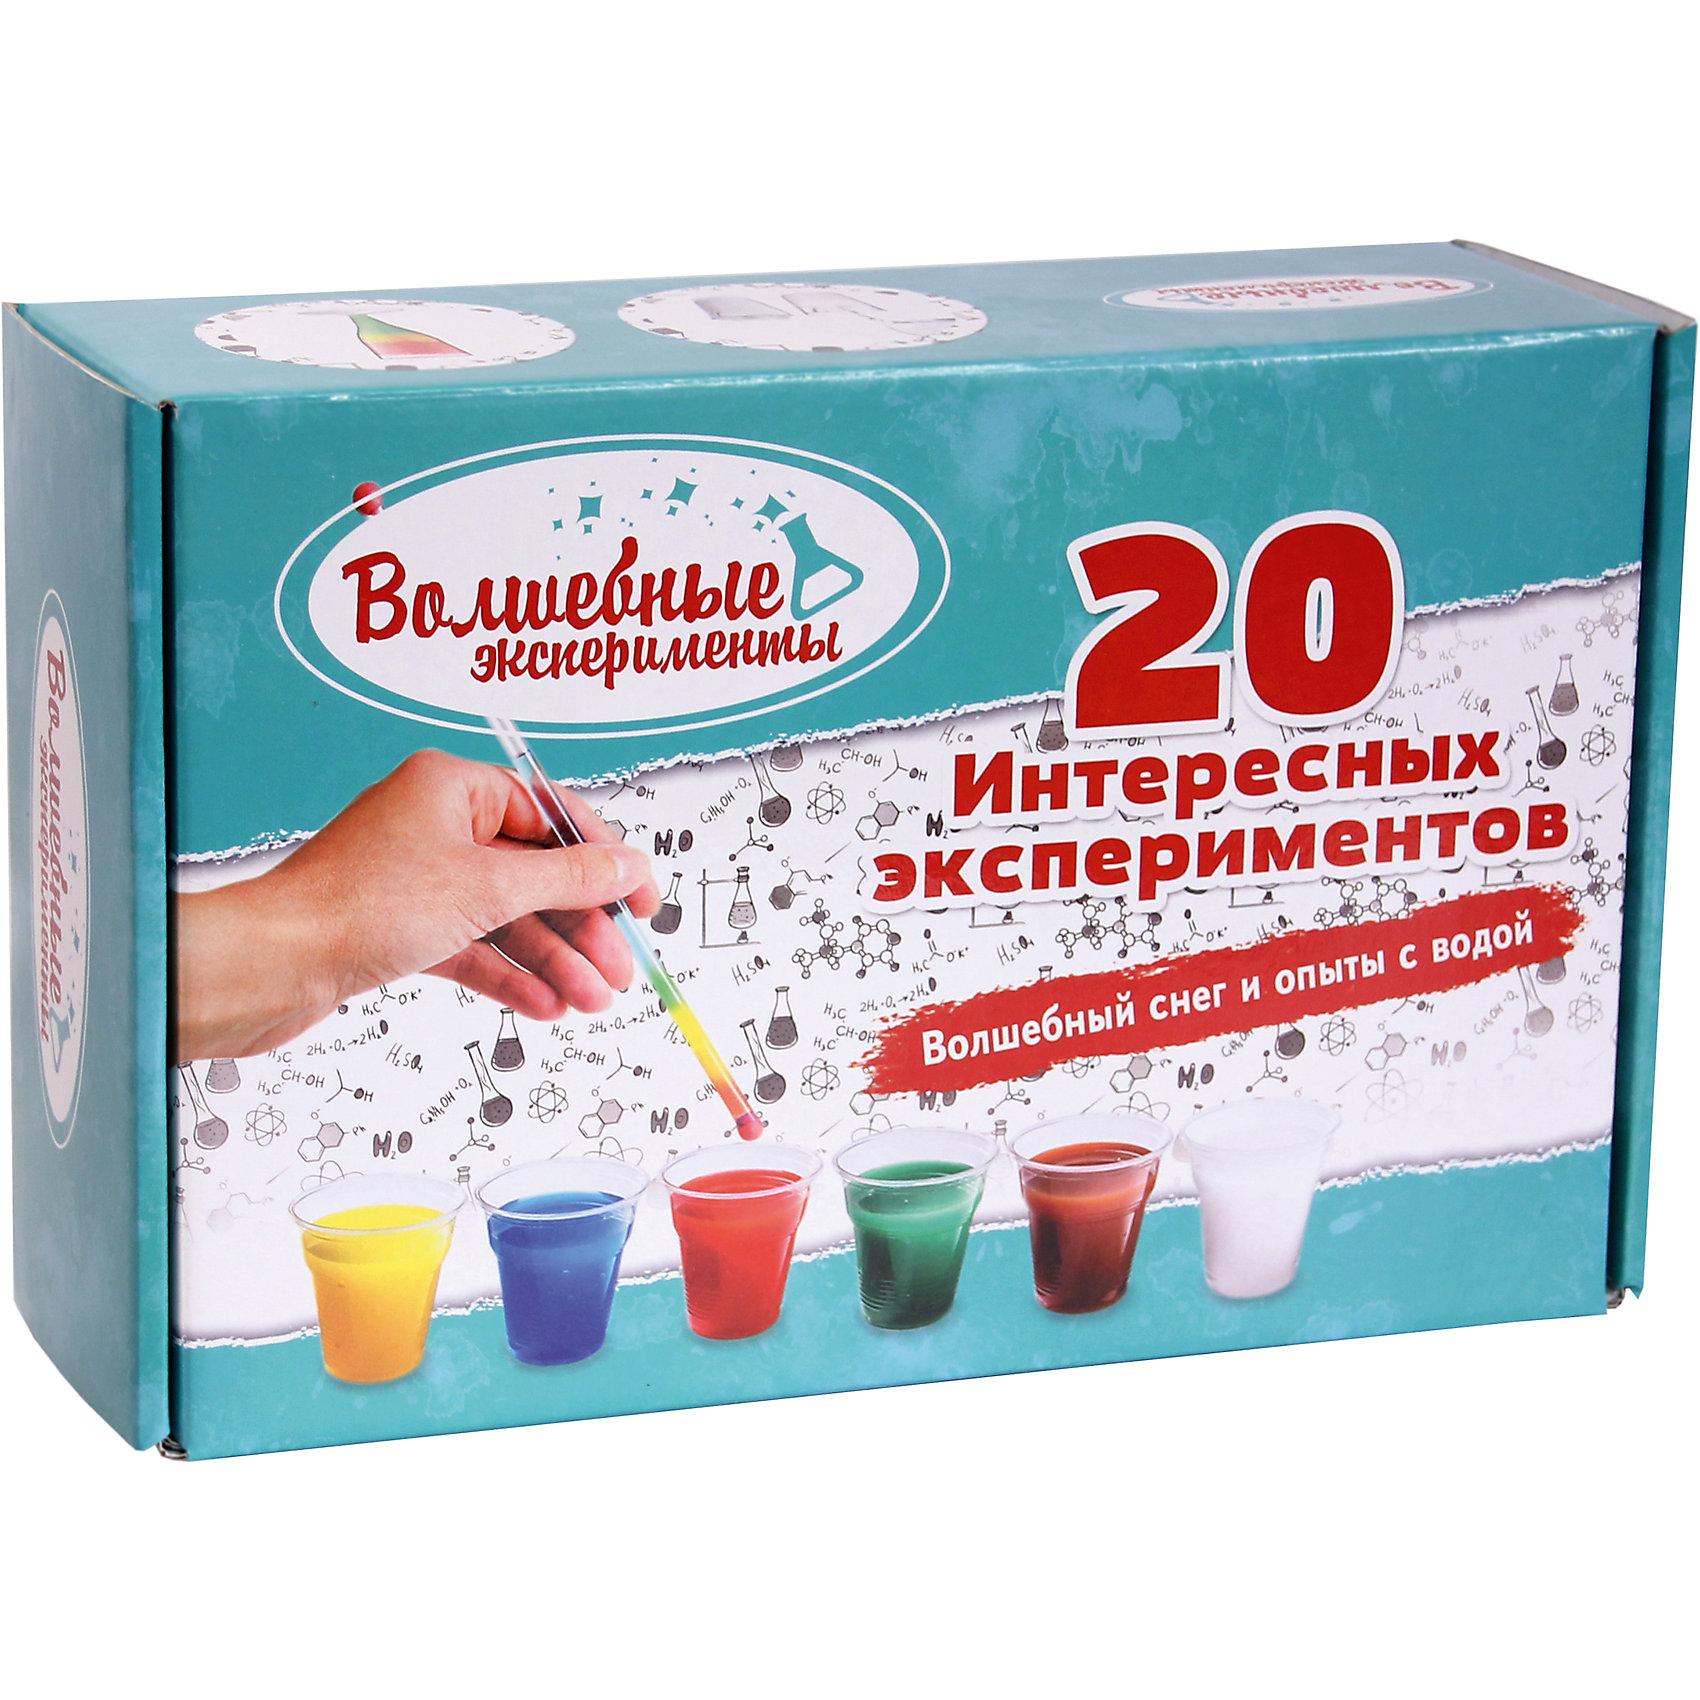 Большой набор Волшебный снег и 20 опытов с водойЭксперименты и опыты<br>Большой набор Волшебный снег и 20 опытов с водой.<br><br>Характеристики:<br><br>• Для детей в возрасте: от 14 лет<br>• В наборе: волшебный снег 10 пакетиков, краски 6 цветов, кисть, мерный стакан, мерная ложечка, прозрачная трубочка, пластиковая палочка для размешивания, пластиковый бокал, 7 стаканчиков по 100 мл, 3 пластиковых емкости для опытов, цветной буклет-инструкция<br>• Упаковка: цветная картонная коробка<br>• Размер упаковки: 30х20х10 см.<br>• Вес: 500 гр.<br>• Производство: Россия<br><br>В наборе «Волшебный снег и 20 опытов с водой» есть все необходимое для того, чтобы провести 20 интересных экспериментов. Создать волшебный снег, наблюдать, как он быстро увеличивается в объеме, а потом провести опыты с ним и узнать удивительные свойства полимера полиакрилат натрия, вещества способного впитать в себя воды в 300 раз больше собственного объема. А так же узнать какое свойство воды позволяет переворачивать надписи, как сделать радугу в стакане воды, а в бутылке – море, что нужно сделать, чтобы иголка не тонула в воде и многое другое. В комплекте имеется красочный буклет из 20 страниц с подробными инструкциями и интересными рассказами о свойствах снега и воды.<br><br>Большой набор Волшебный снег и 20 опытов с водой можно купить в нашем интернет-магазине.<br><br>Ширина мм: 320<br>Глубина мм: 200<br>Высота мм: 100<br>Вес г: 500<br>Возраст от месяцев: 168<br>Возраст до месяцев: 2147483647<br>Пол: Унисекс<br>Возраст: Детский<br>SKU: 5515564